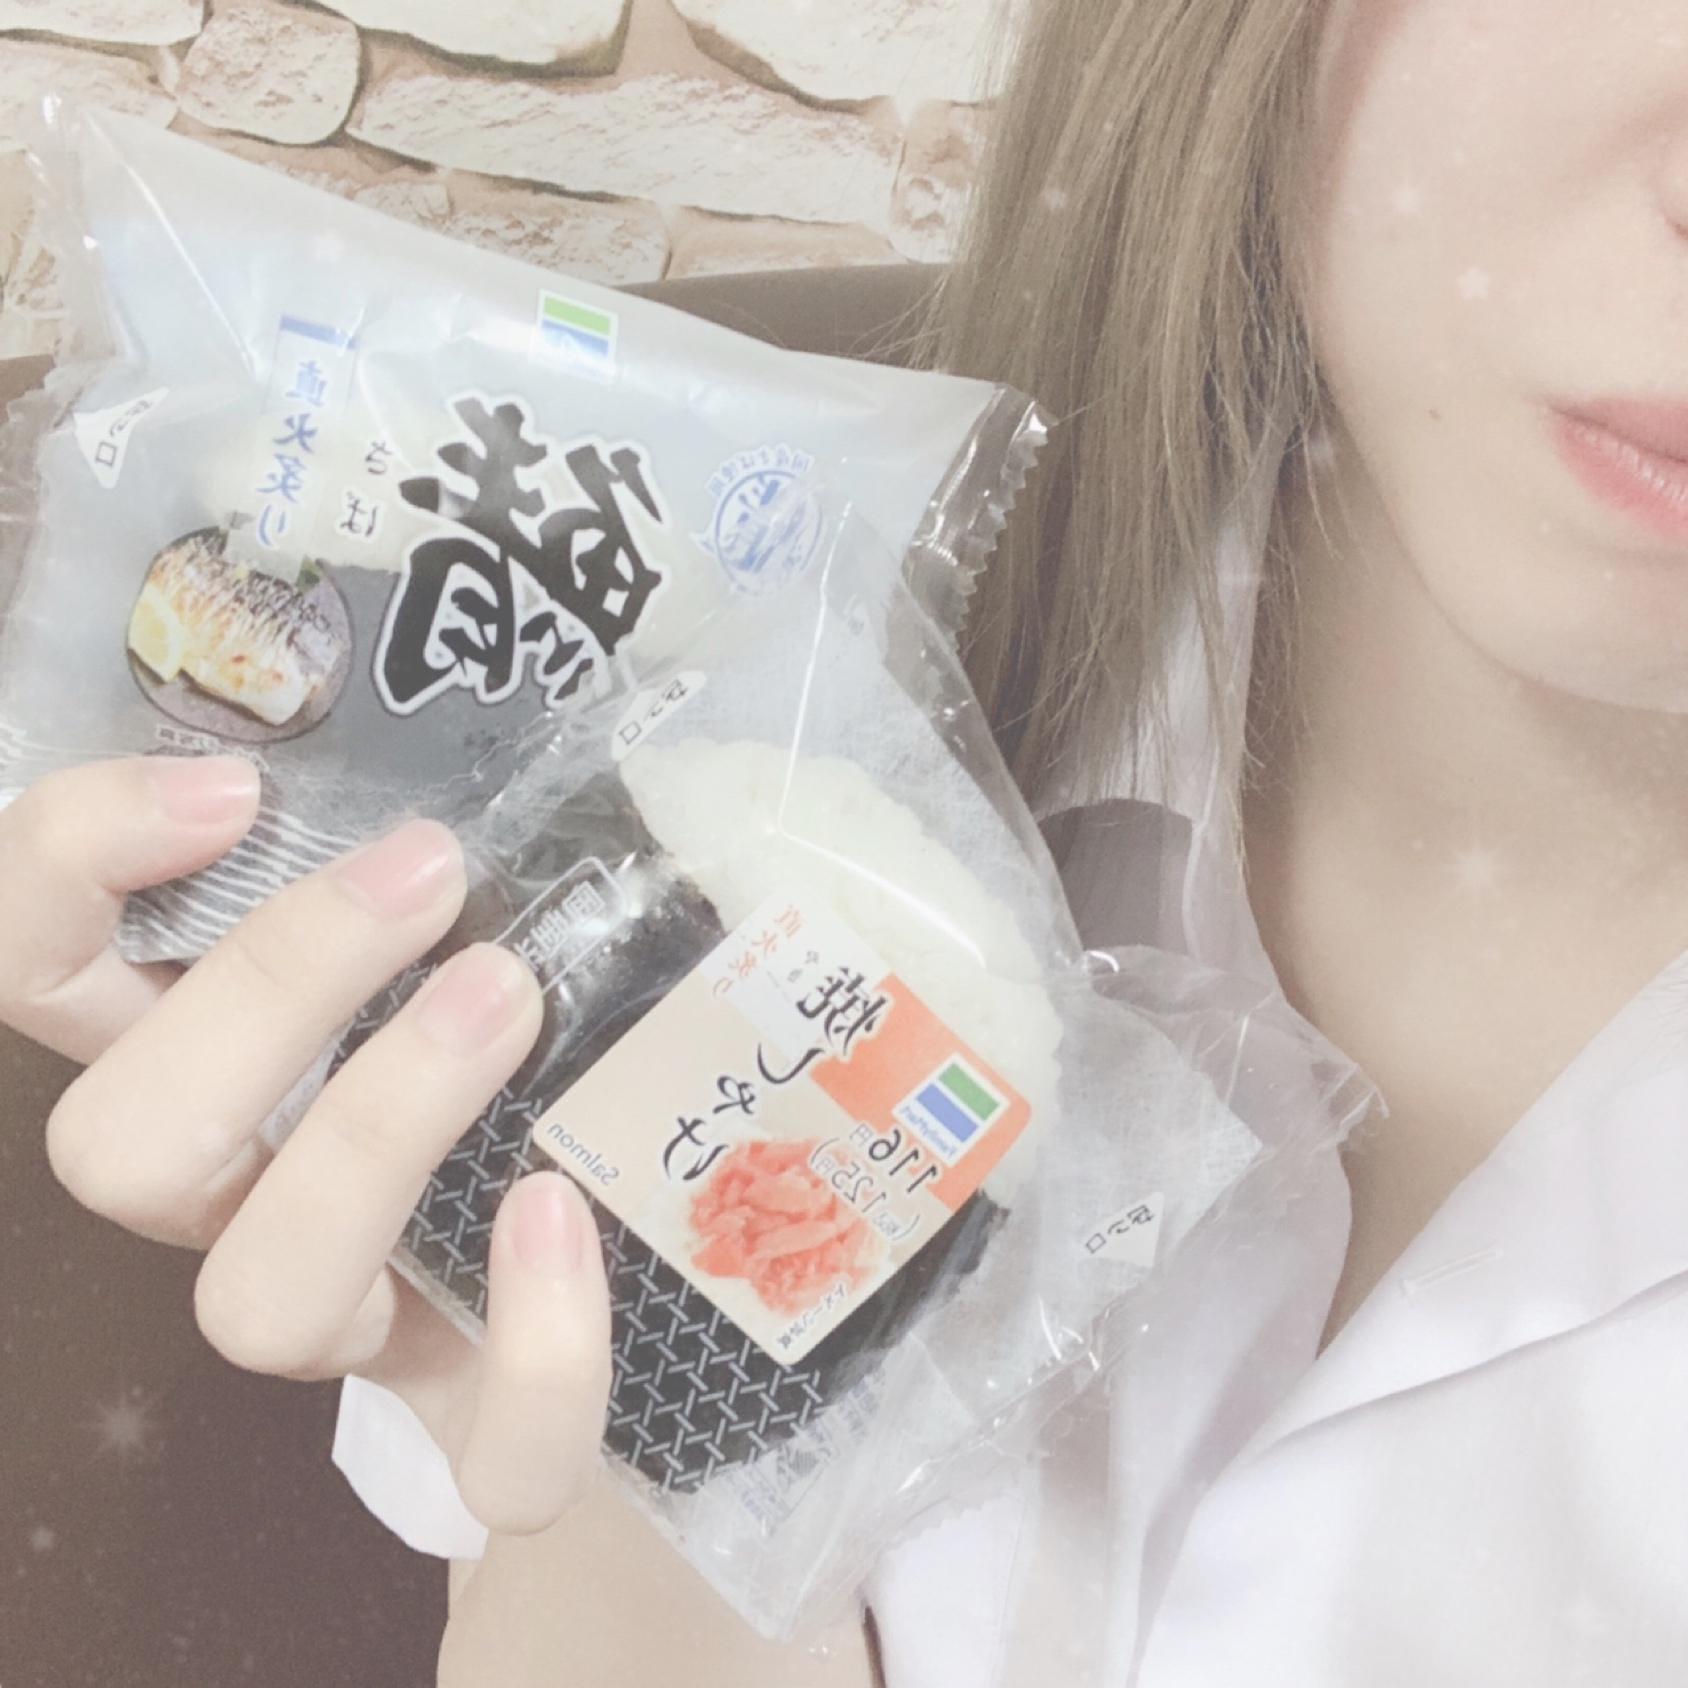 「ひとみ♡」07/05(07/05) 15:25   ひとみの写メ・風俗動画